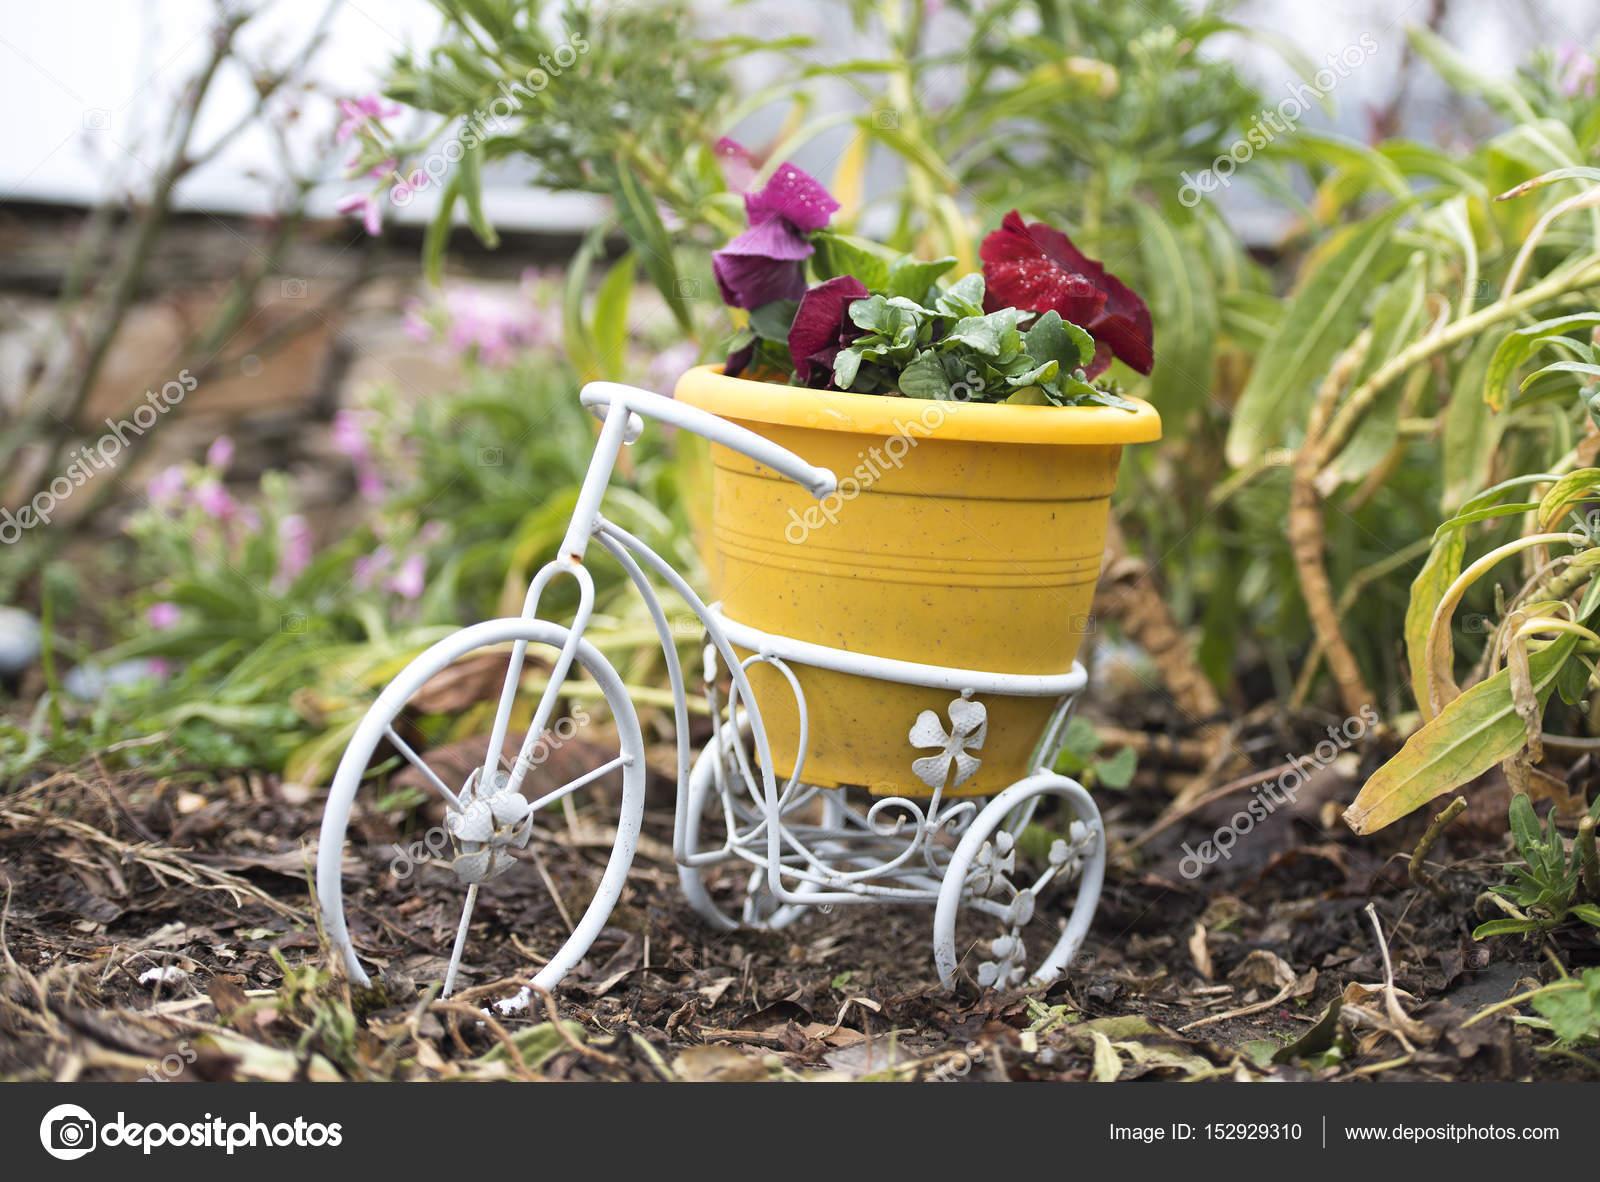 Kunststof Tuin Pot : Fiets met gele kunststof pot en rode bloemen u2014 stockfoto